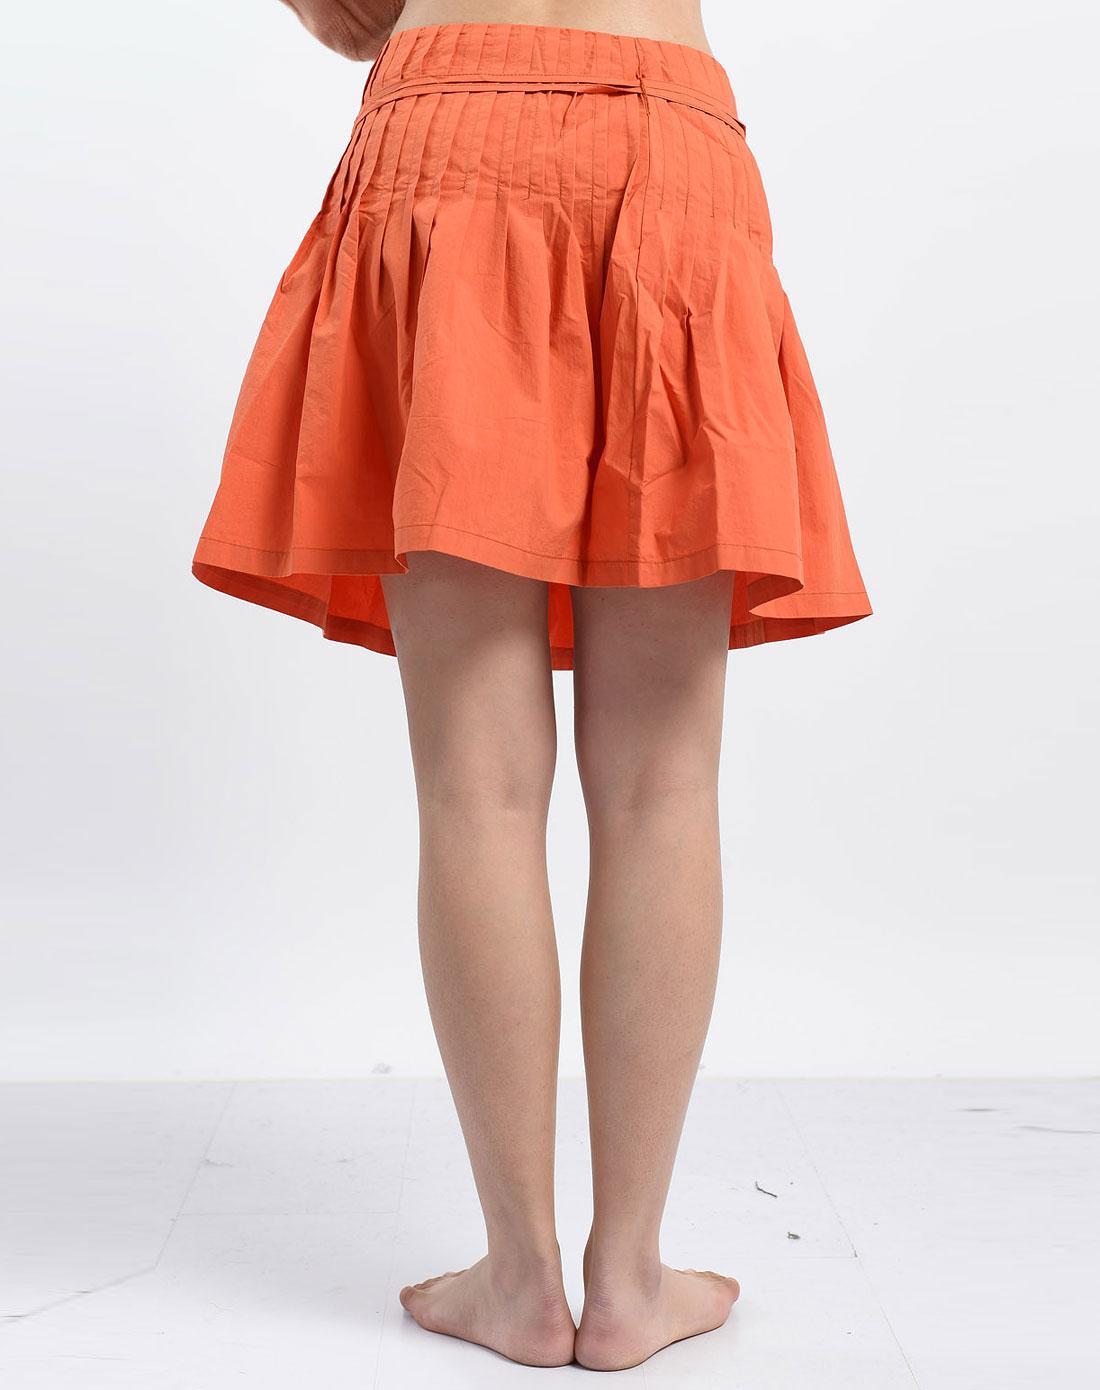 虫二ch/2橘色裙子1216201h3